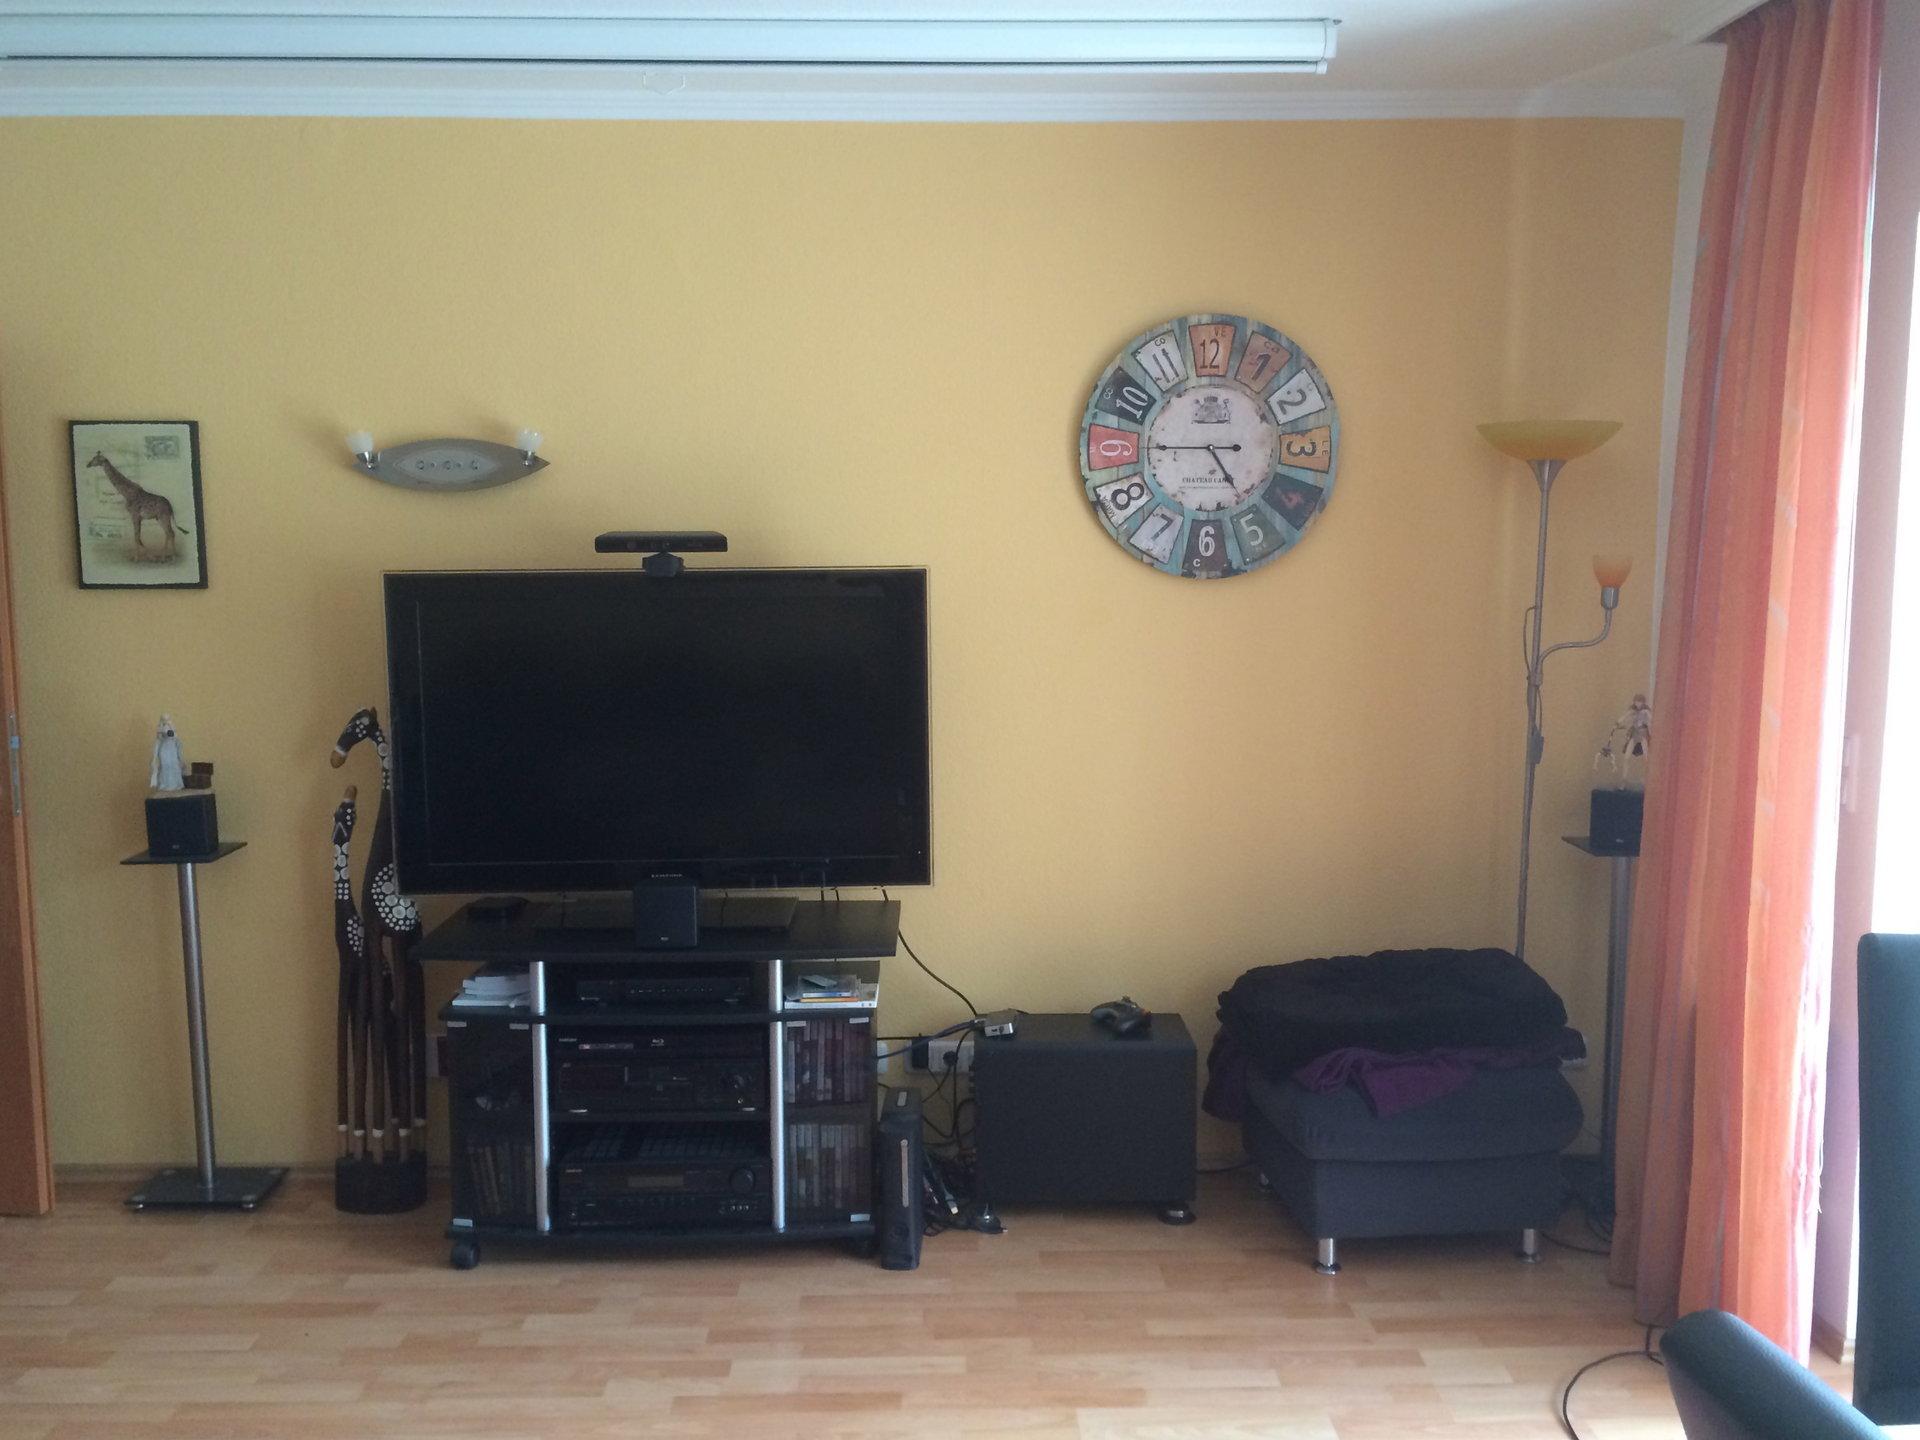 seltenheit wohnzimmer uhr mit ein bischen design inkl funk solar uhrforum. Black Bedroom Furniture Sets. Home Design Ideas